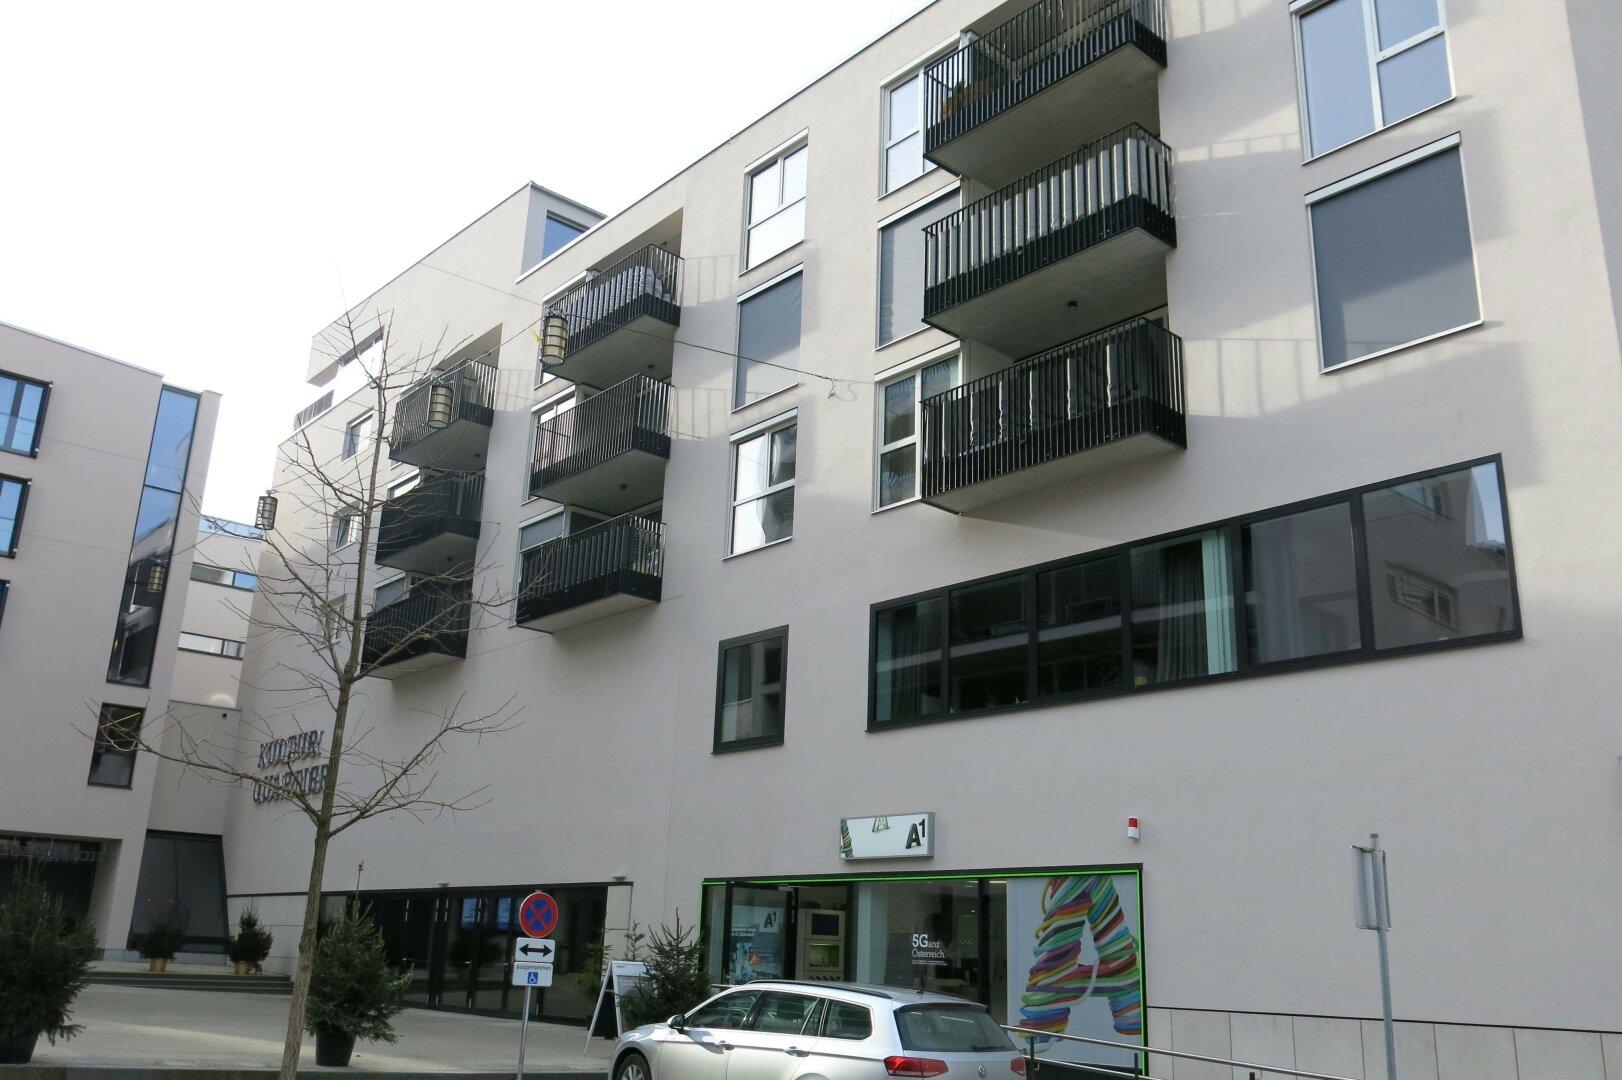 3-Zimmer-Mietwohnung Kufstein Zentrum, Hausansicht